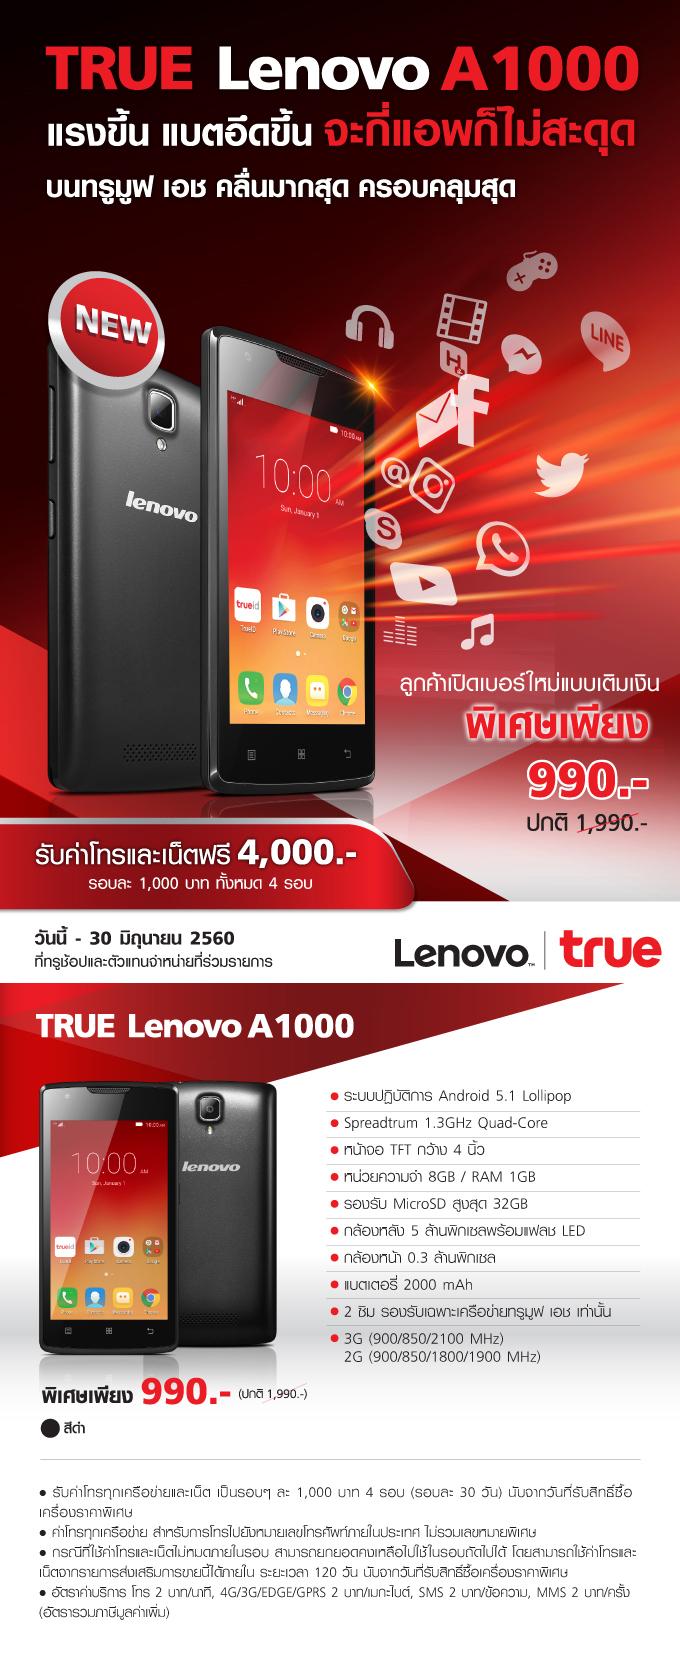 คุ้มที่สุดในจักรวาล สมาร์ทโฟนราคาเบาๆ พร้อมโบนัสโทรและเน็ต True Lenovo A1000 สมาร์ทโฟนกะทัดรัด สเปคแรง ในราคาน่าจับจอง สำหรับลูกค้าเปิดเบอร์ใหม่แบบเติมเงิน